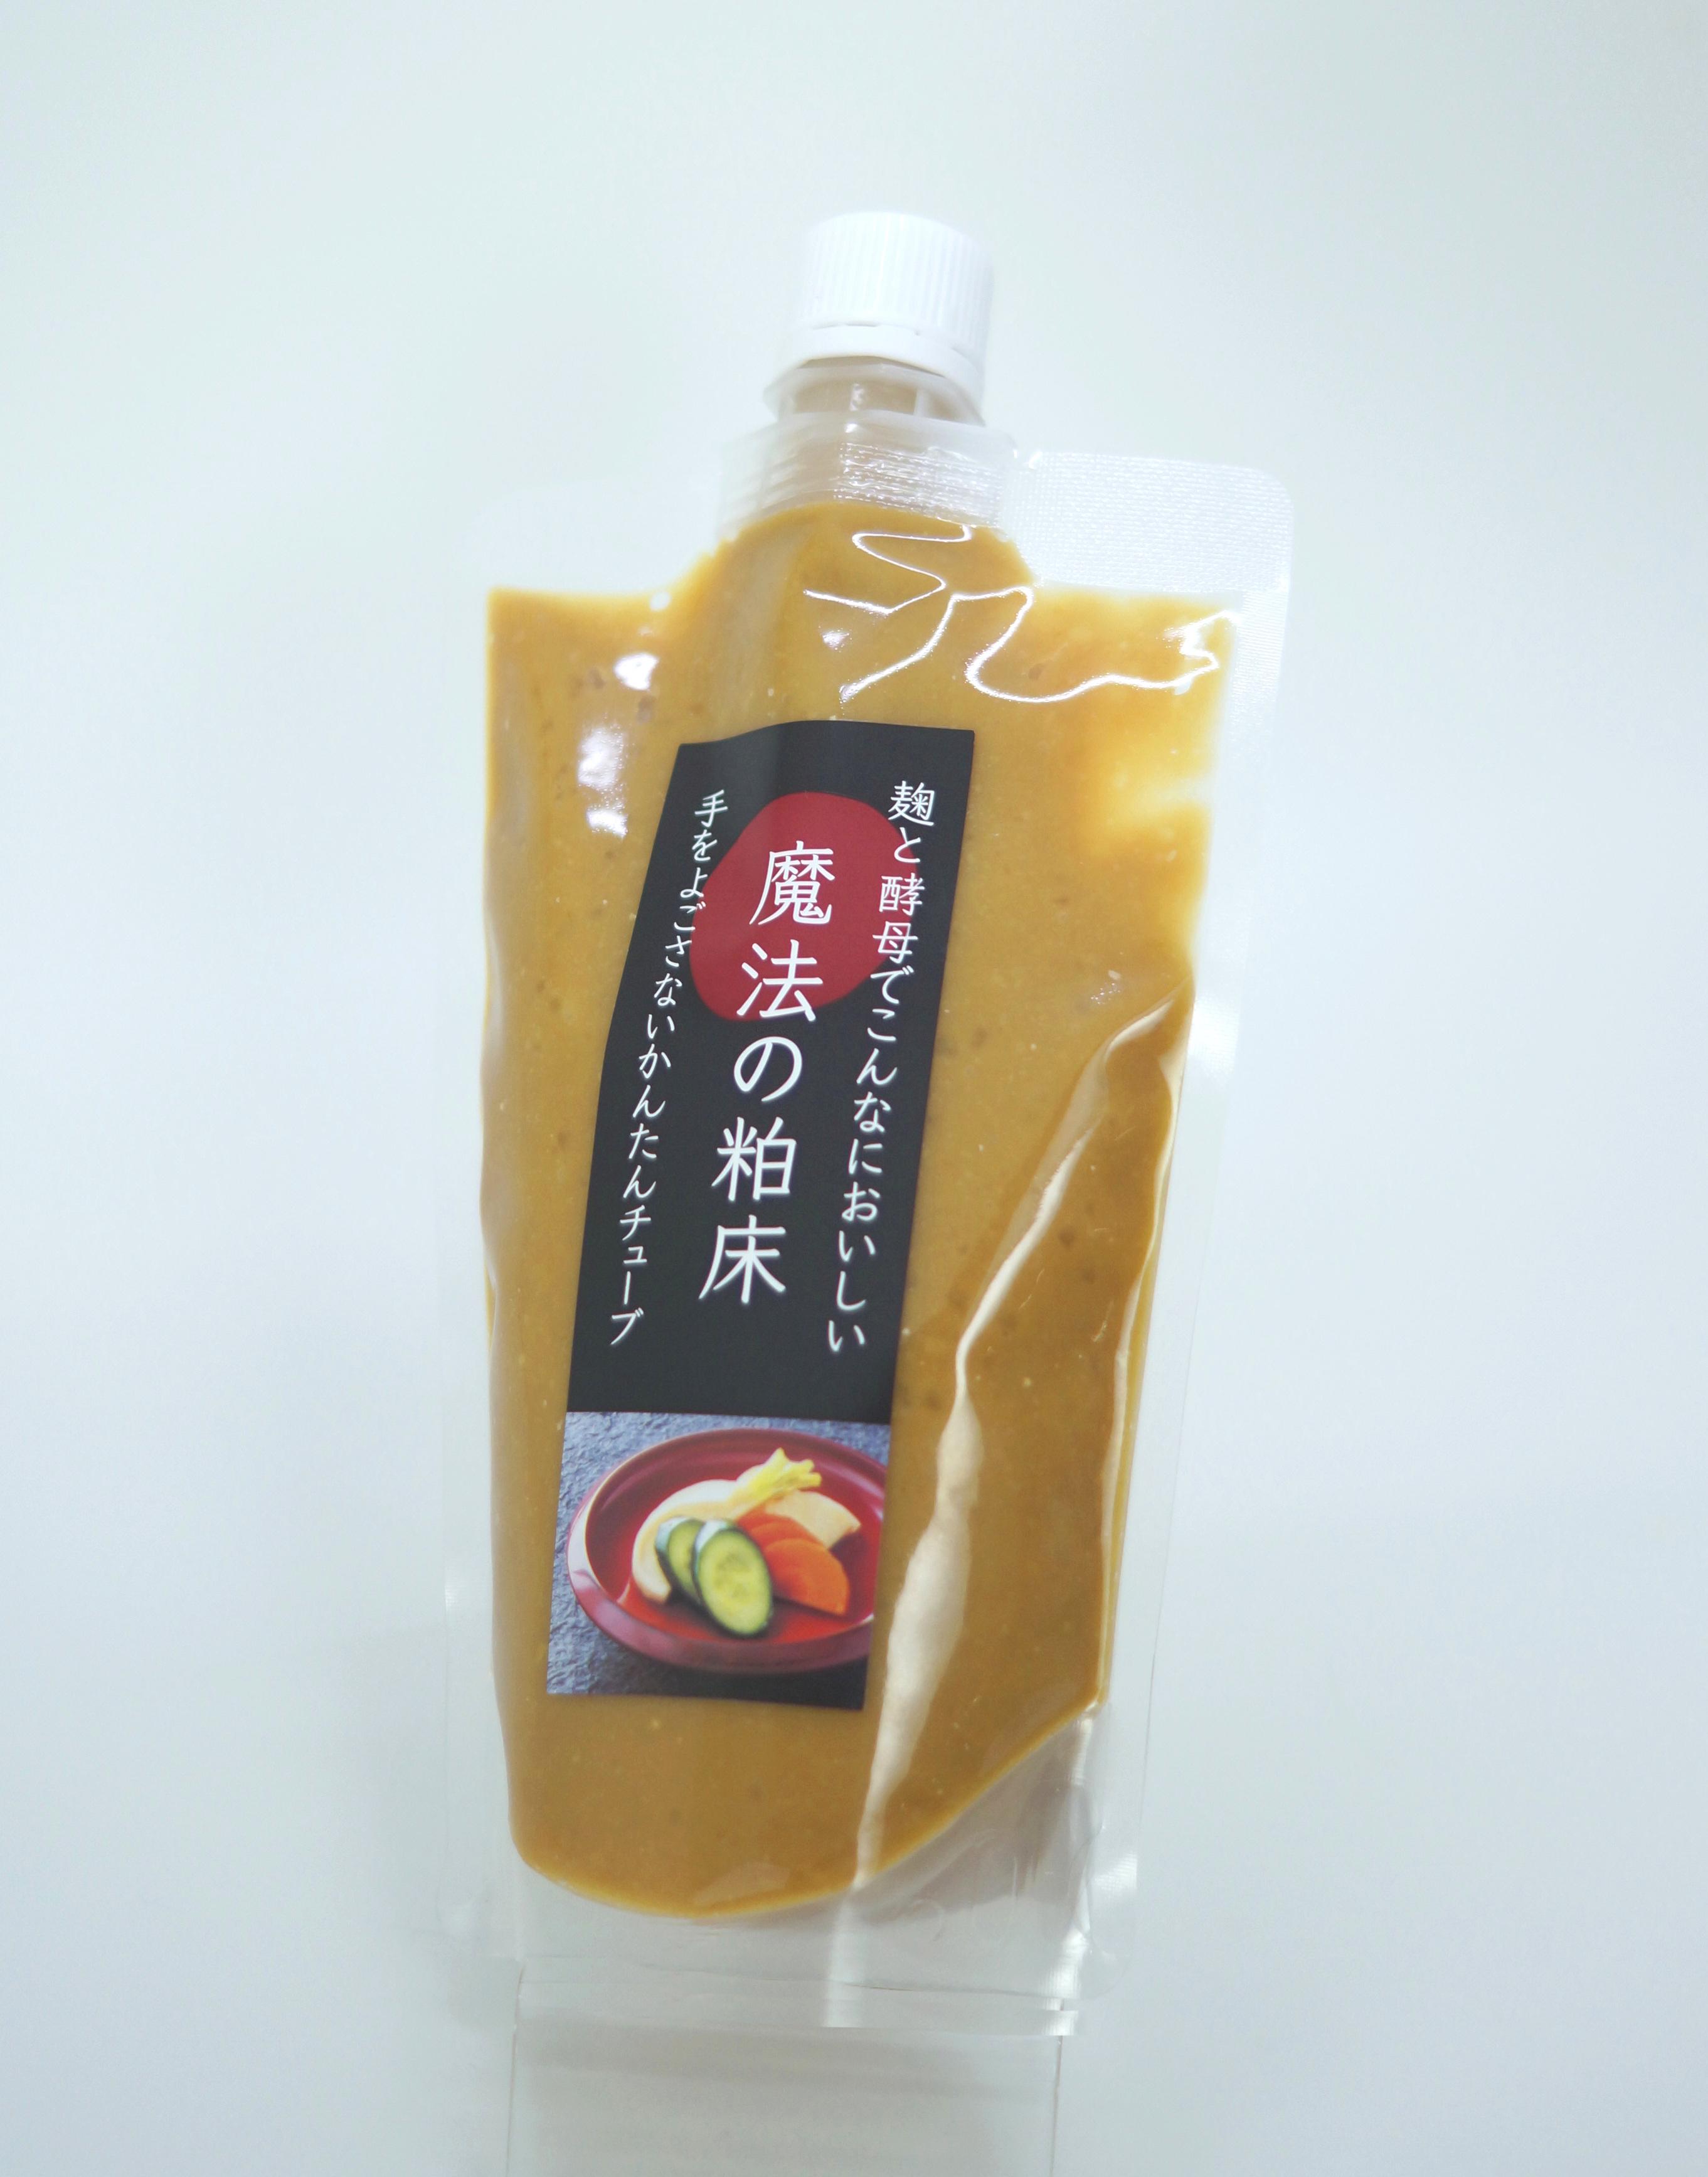 簡単便利!麹と酵母 発酵の力でこんなにおいしい自家製浅漬けが手軽に漬けられる 魔法の粕床 手をよごさないチューブ入り